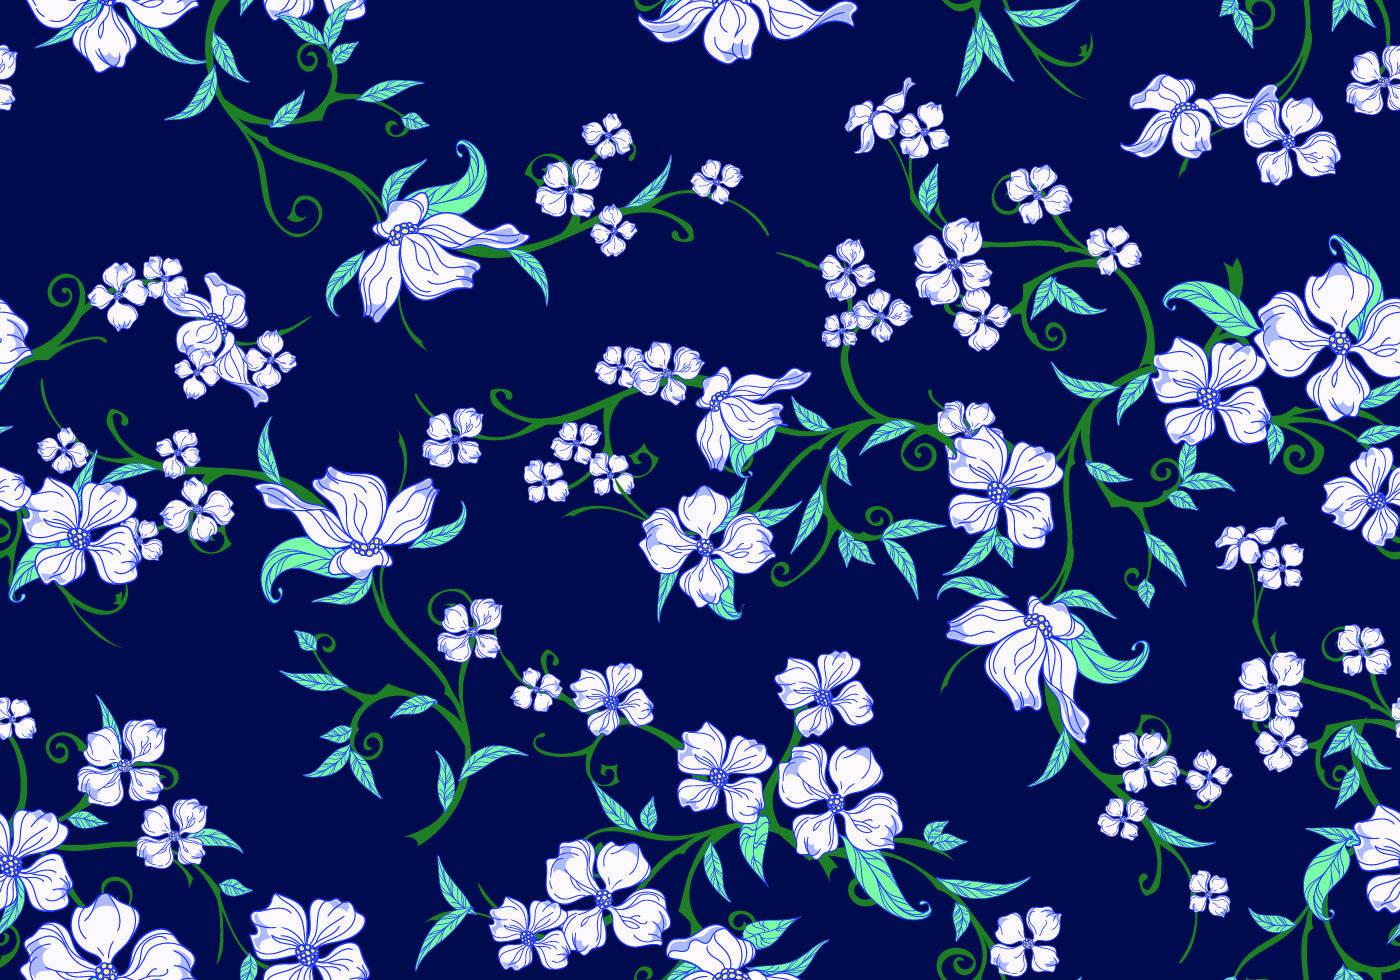 蓝色底纹白色碎花印花图案-POP花型网